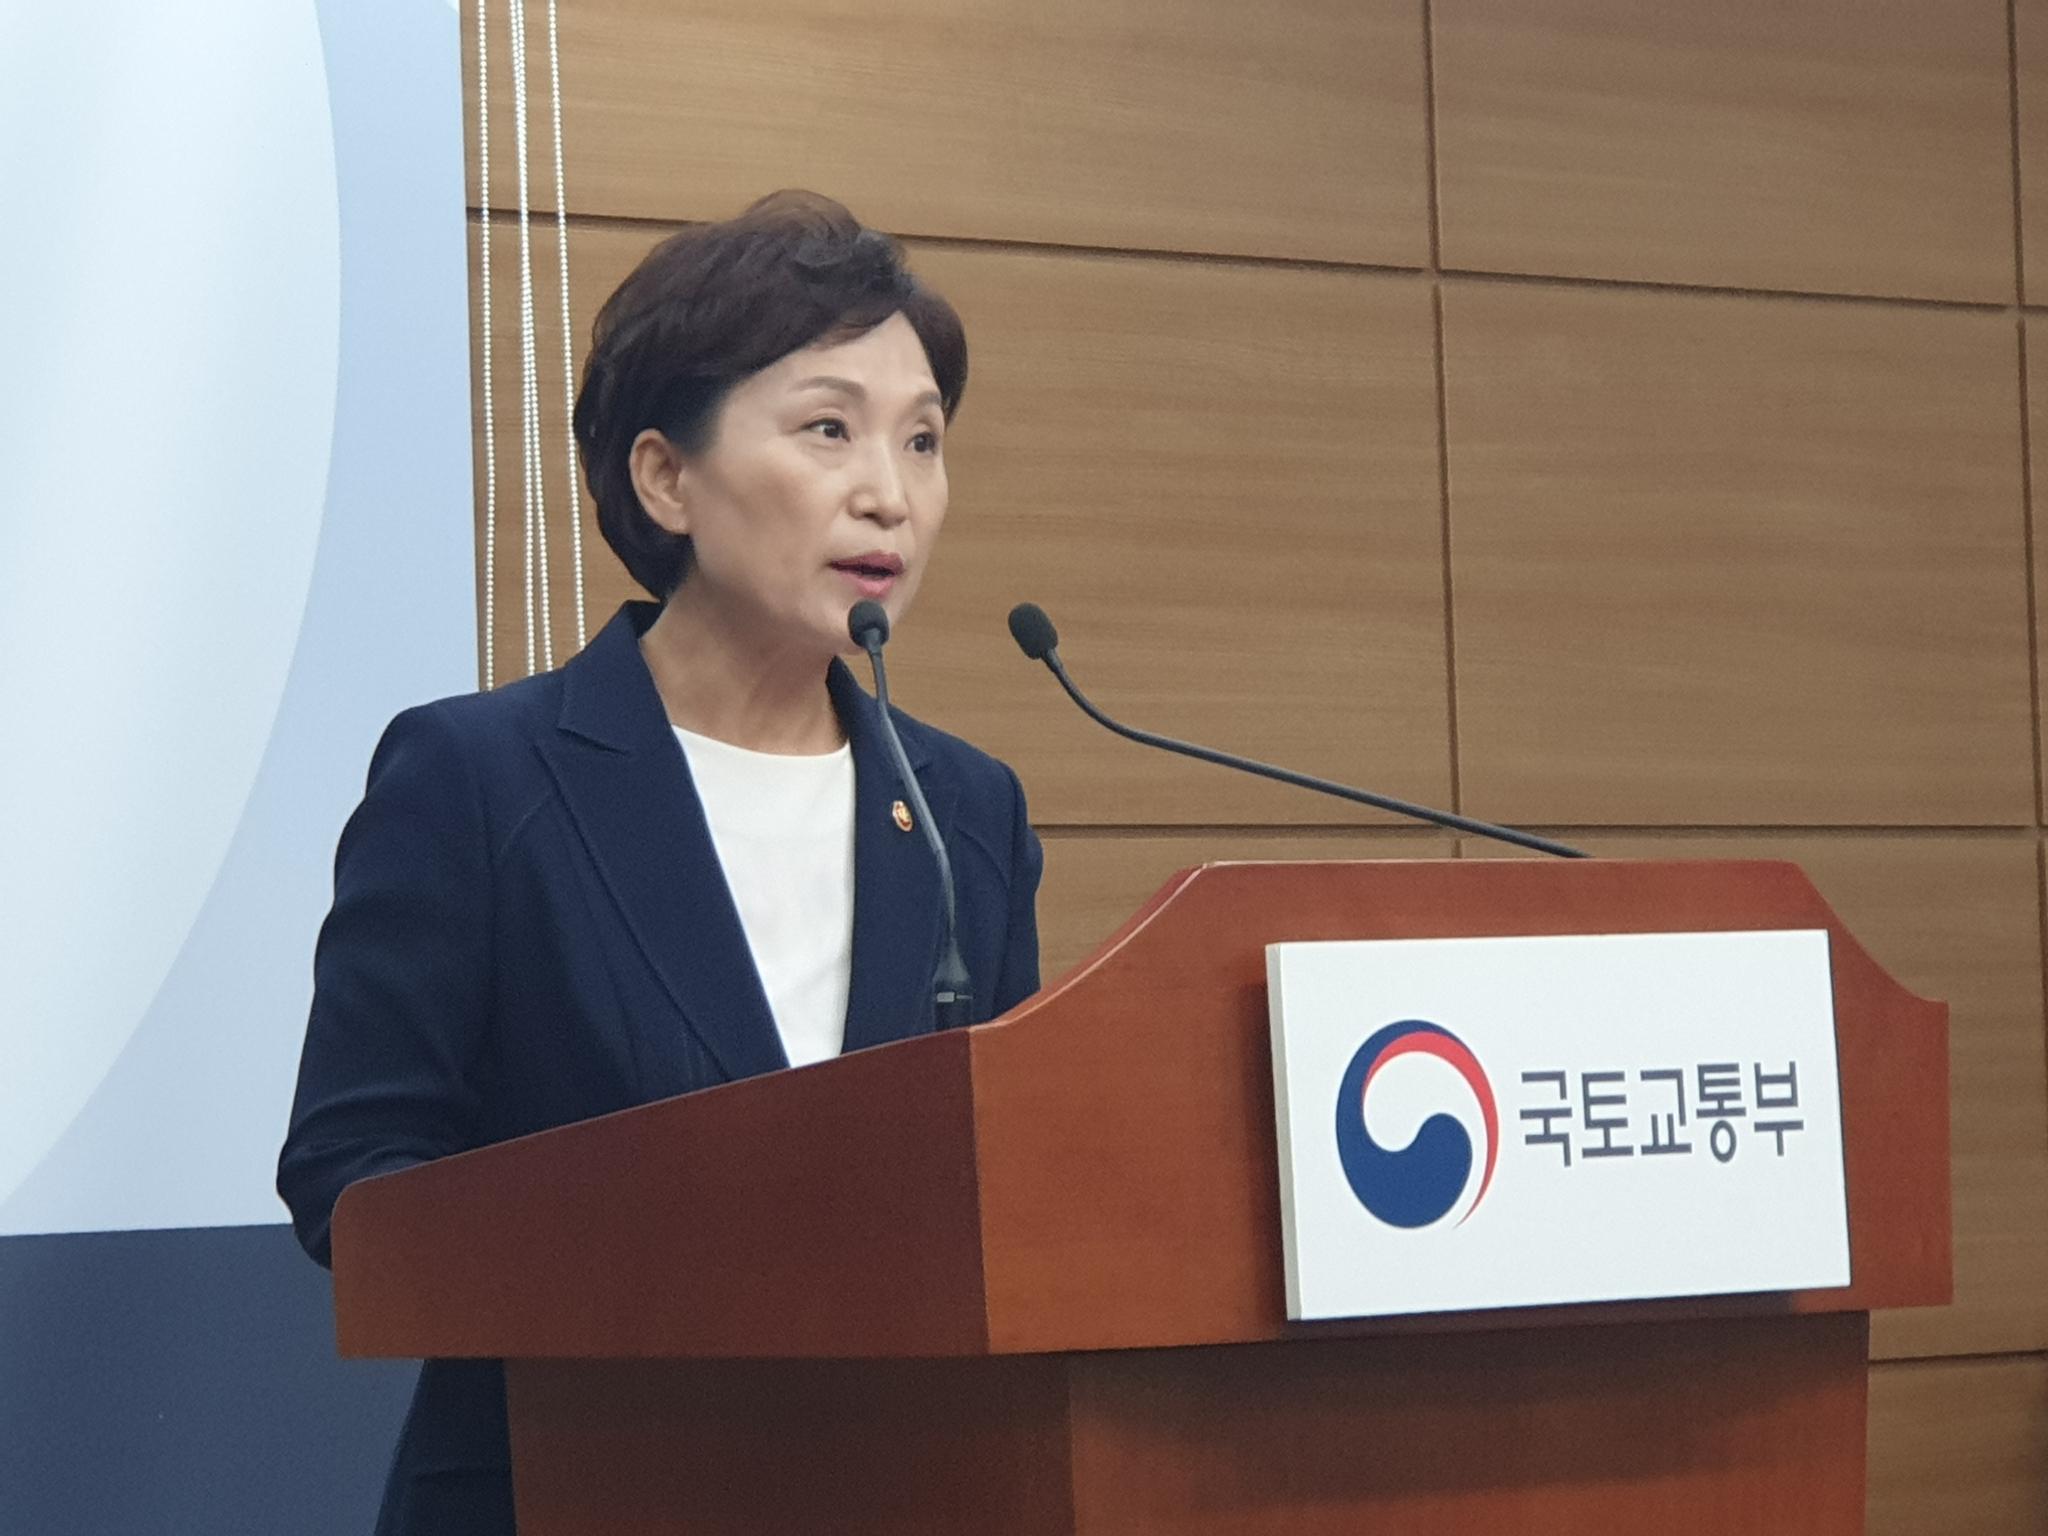 김현미 국토부 장관이 10일 아카라 항로 안전 대책관련 기자회견 원고를 읽고 있다. [강갑생 기자]